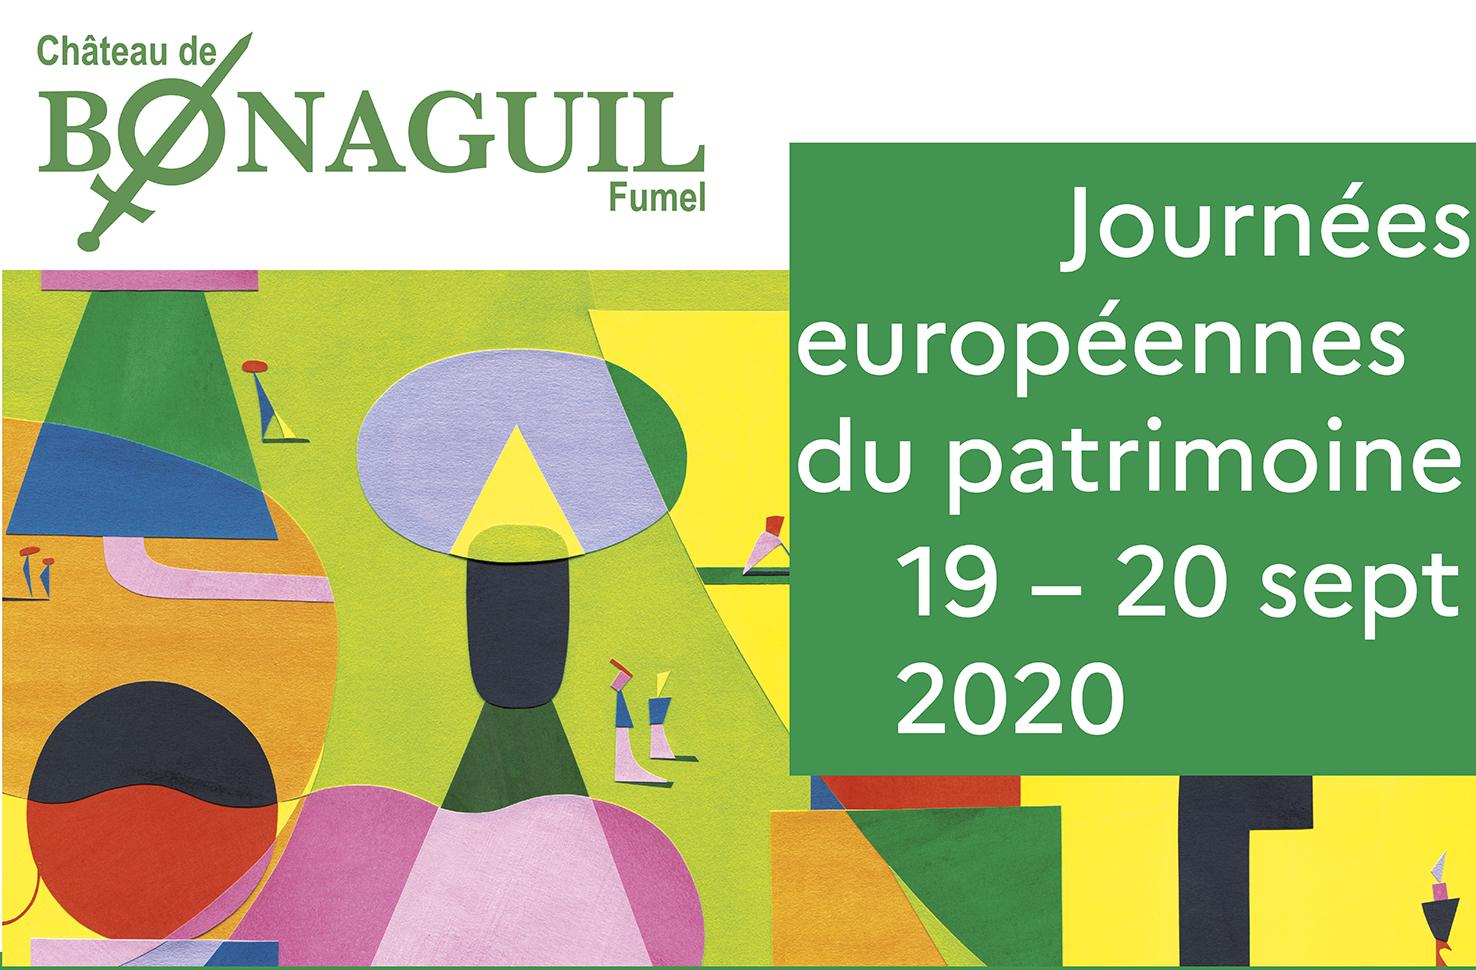 Journées européennes du Patrimoine au château de Bonaguil